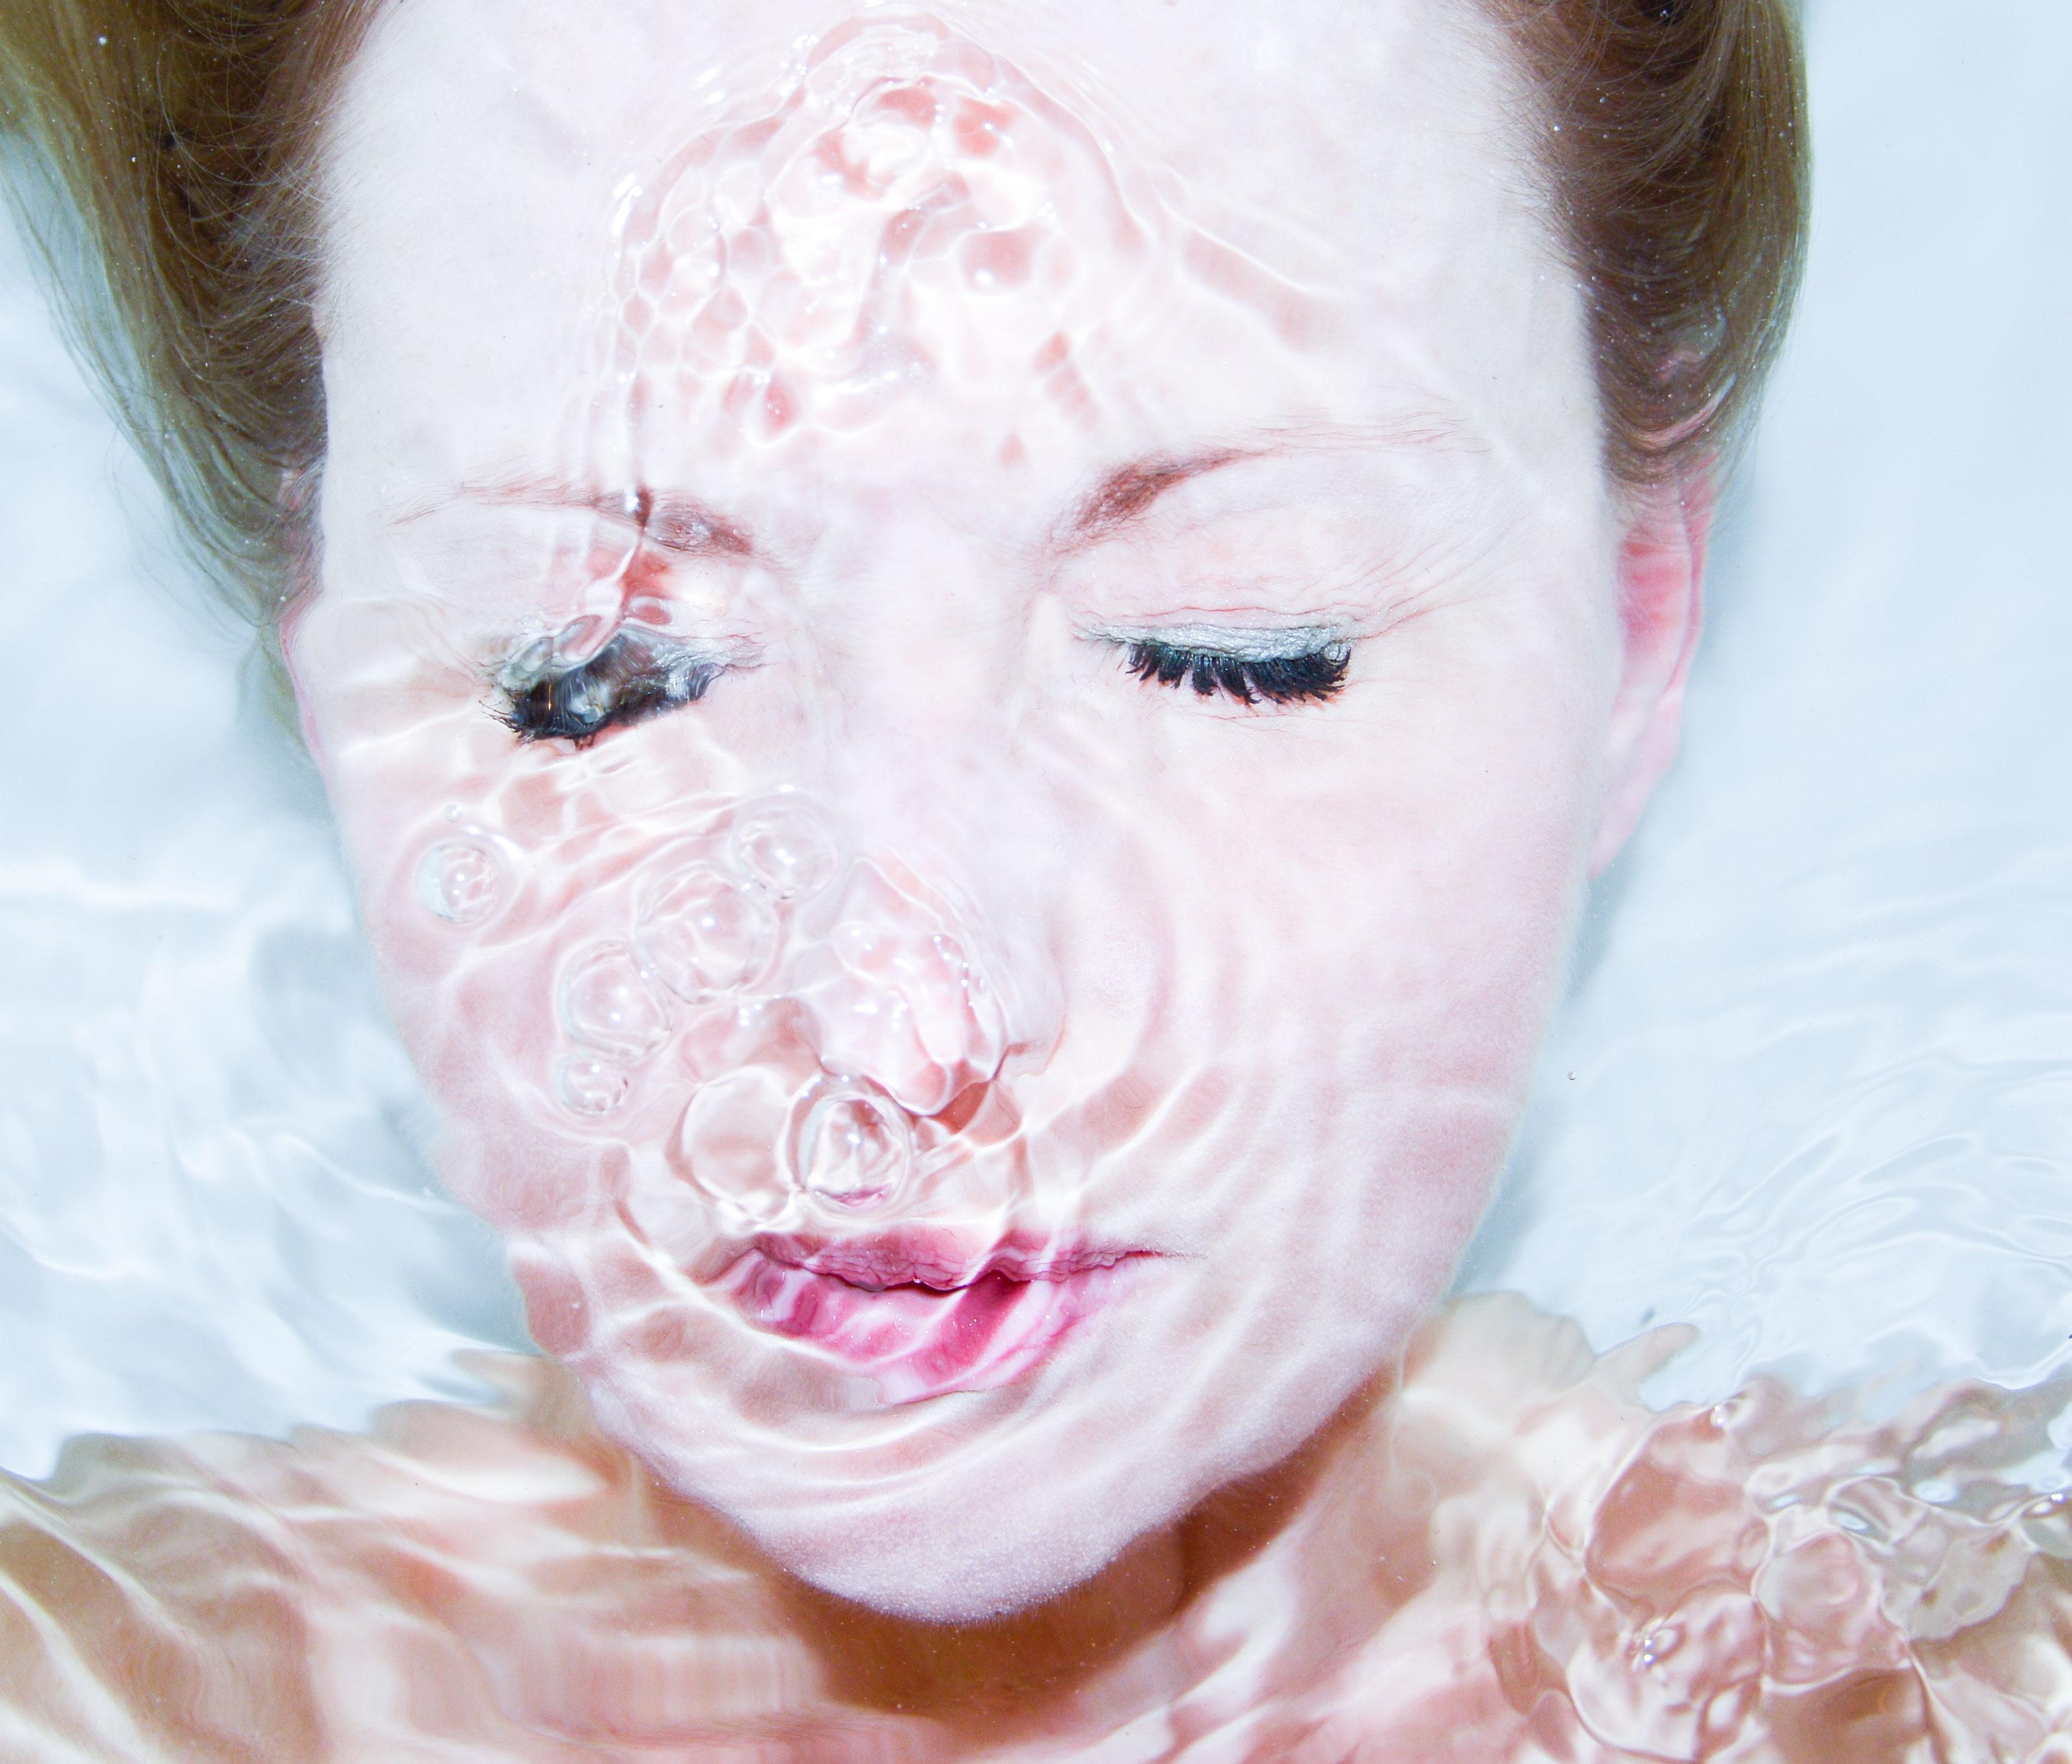 Wallpaper Portrait Selfportrait Water Underwater Vatten Sj Lvportr Tt Selfie Portr Tt Waterportrait Underytan Nikond7100 3127x2662 1116754 Hd Wallpapers Wallhere